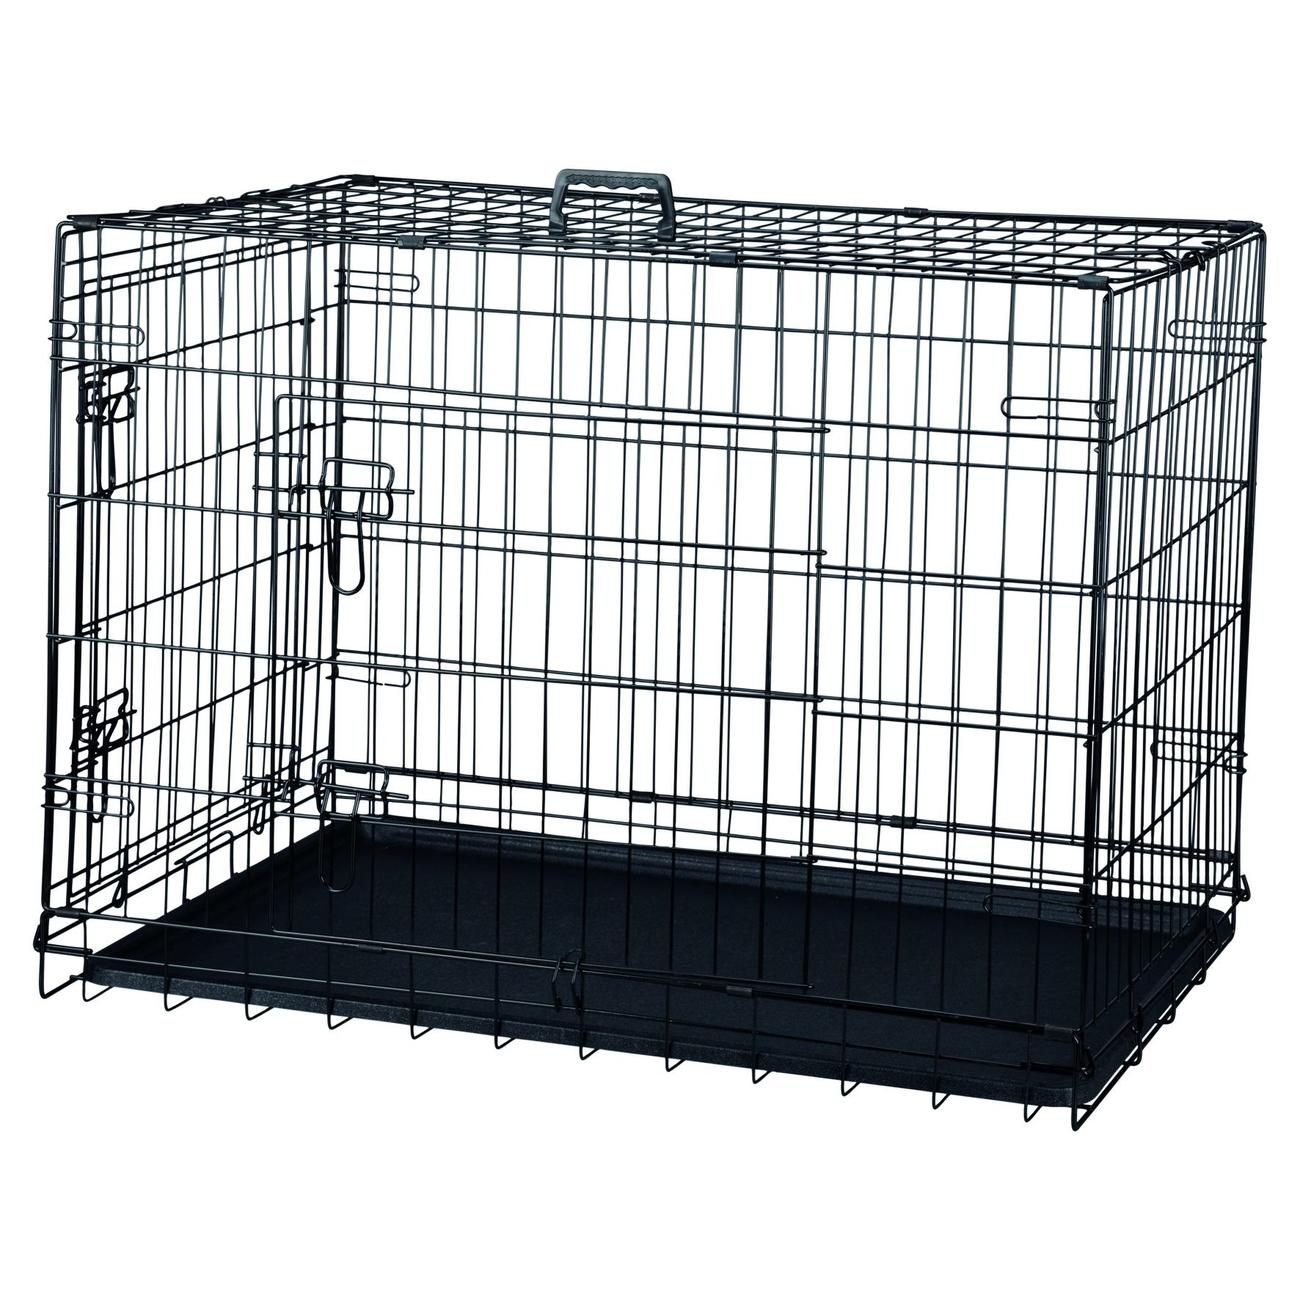 Trixie Transportkäfig schwarz für Hunde, verzinkt 993922, Bild 3